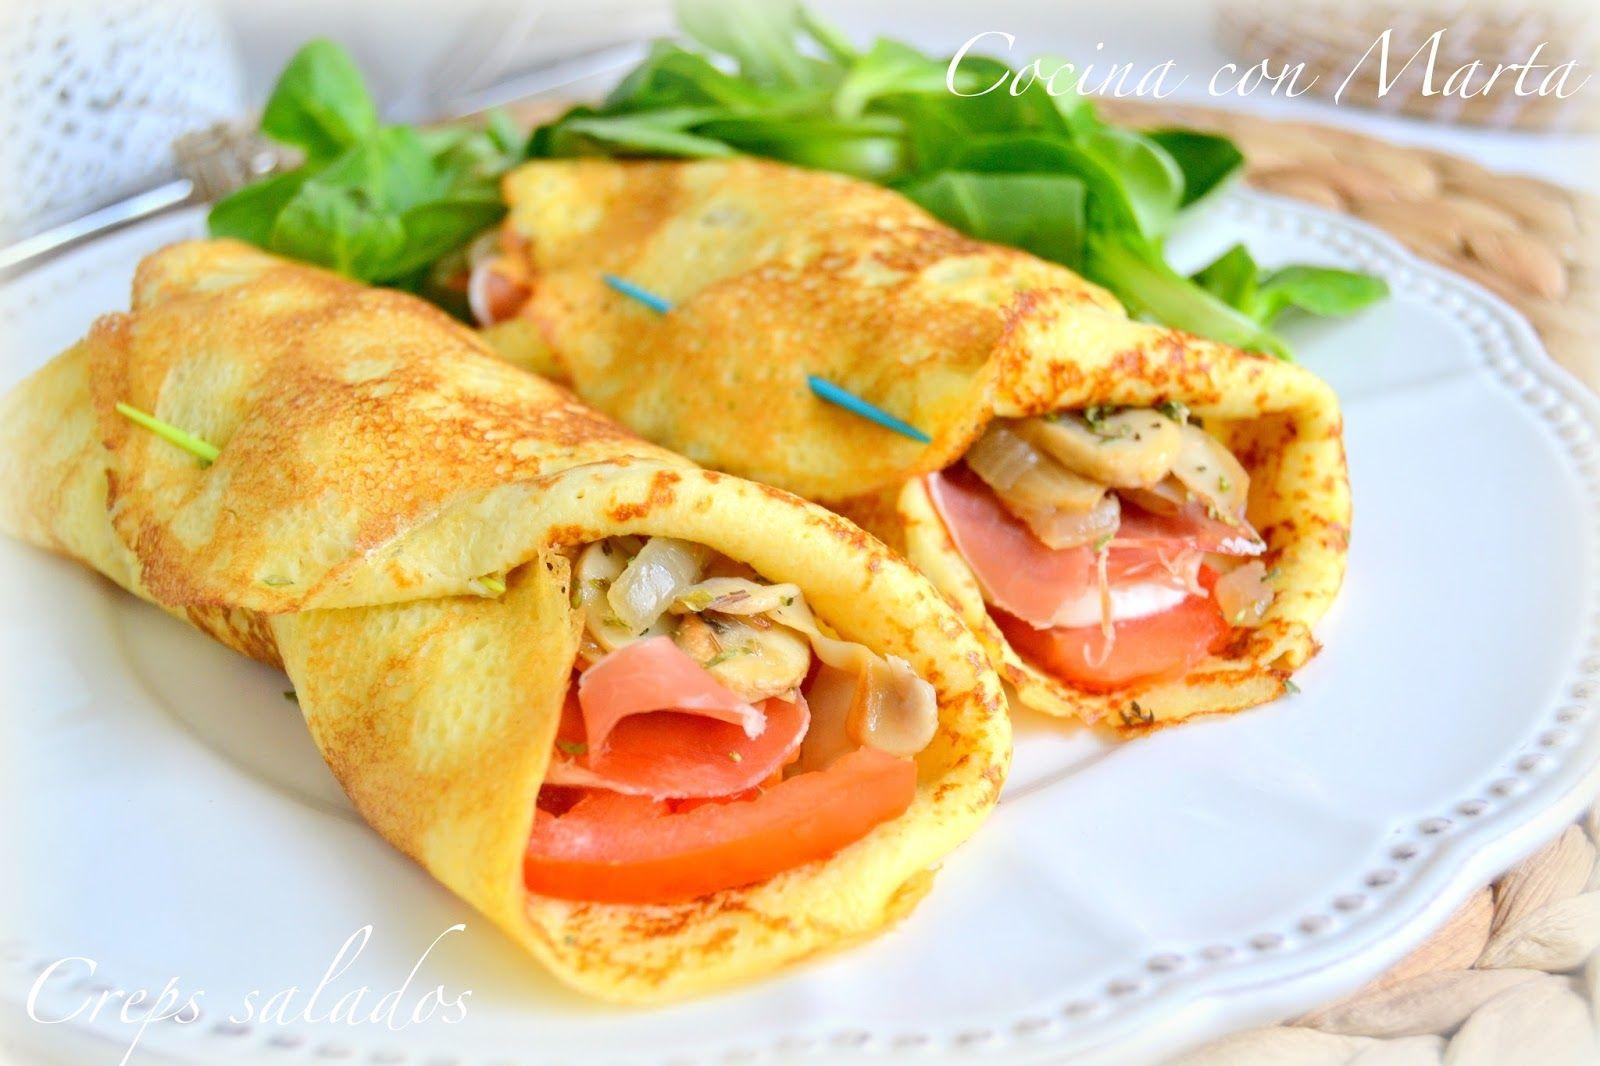 fbeabc79b6428320ba3aa3d4717ddf51 - Recetas Crepes Salados